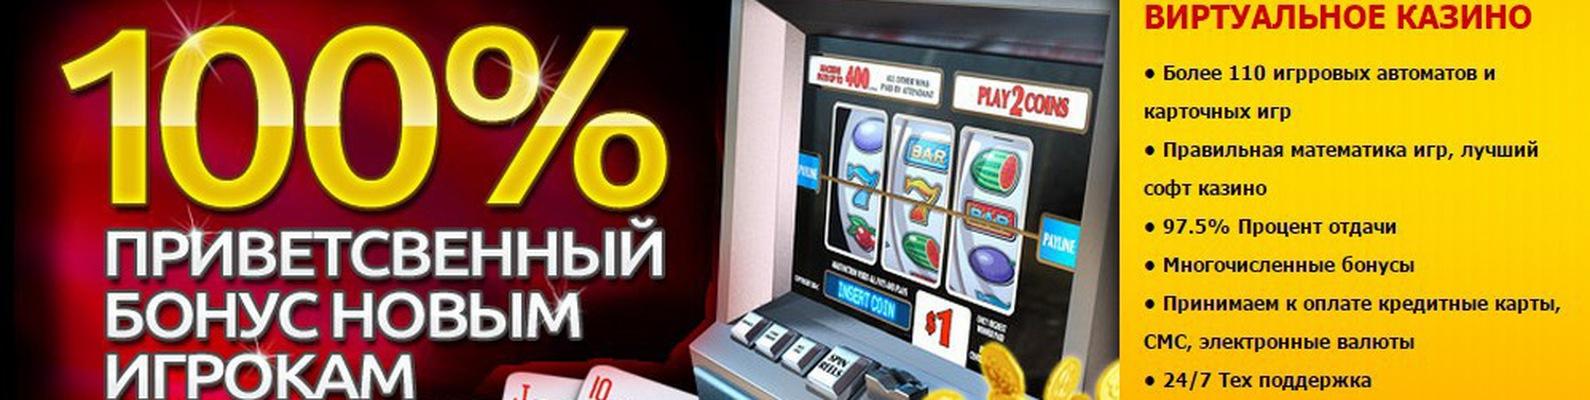 бездепозитный бонус за регистрацию в казино 2018 список лучших